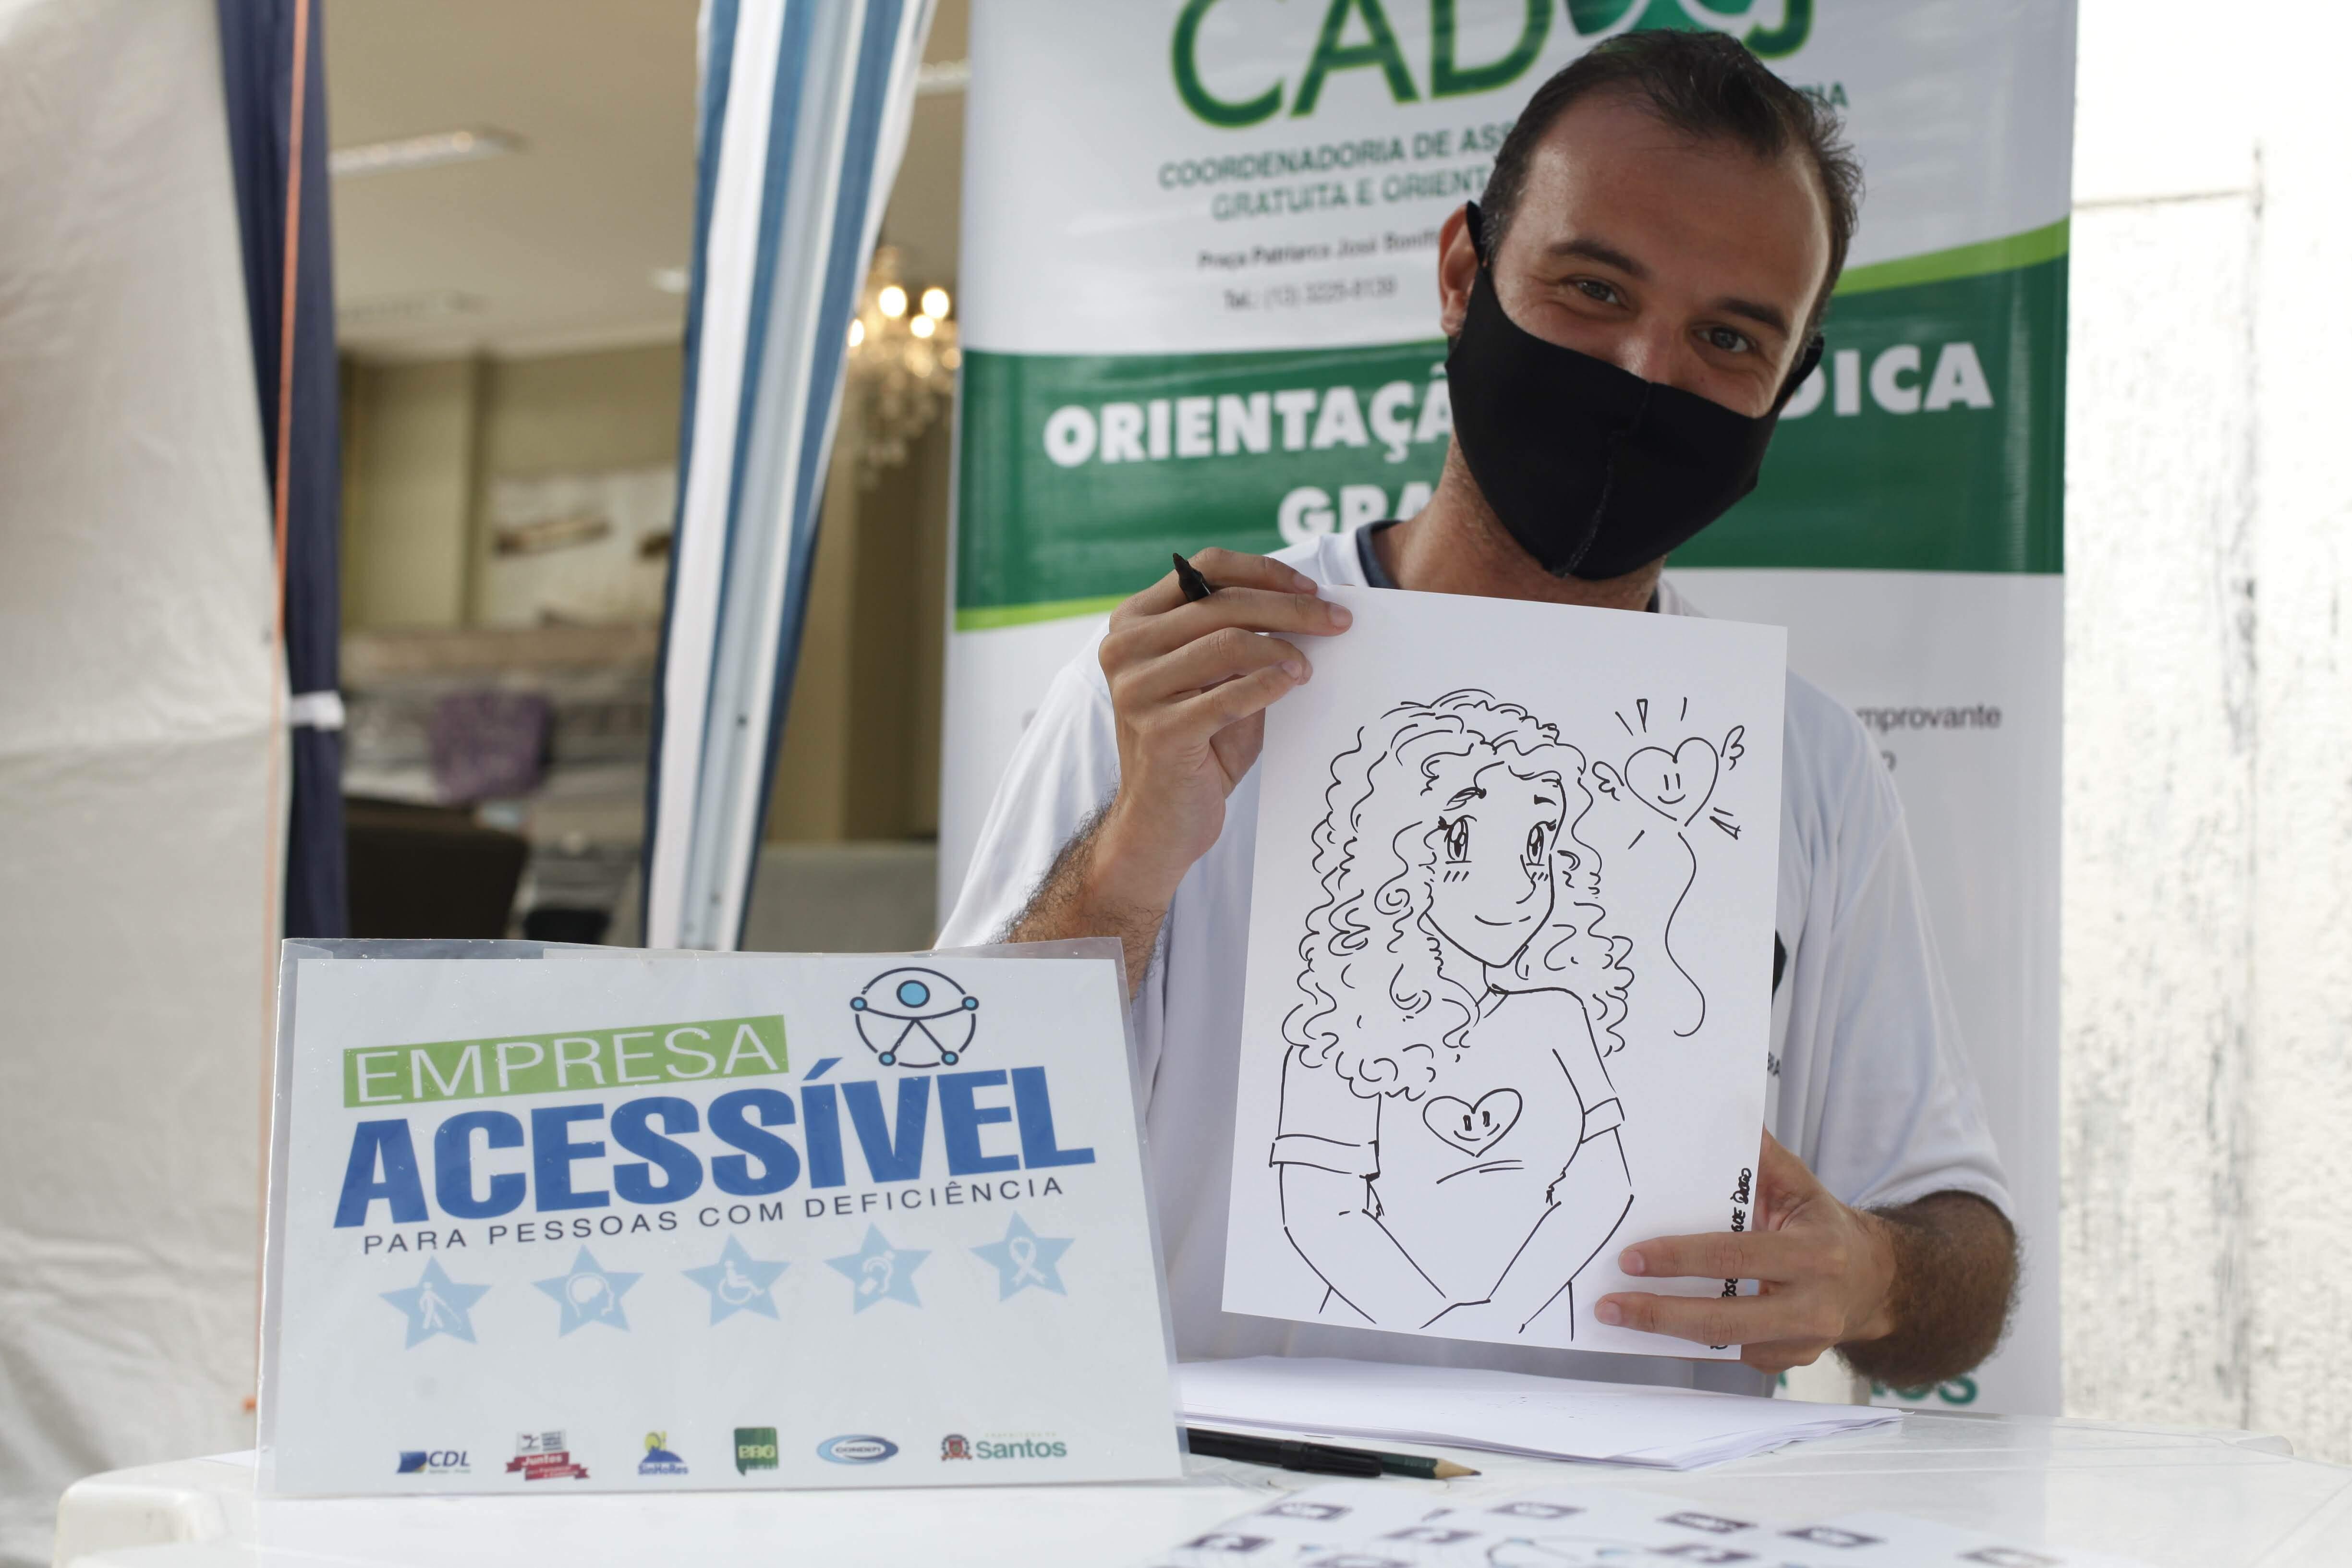 Participante da Central de Libras fez caricaturas no local